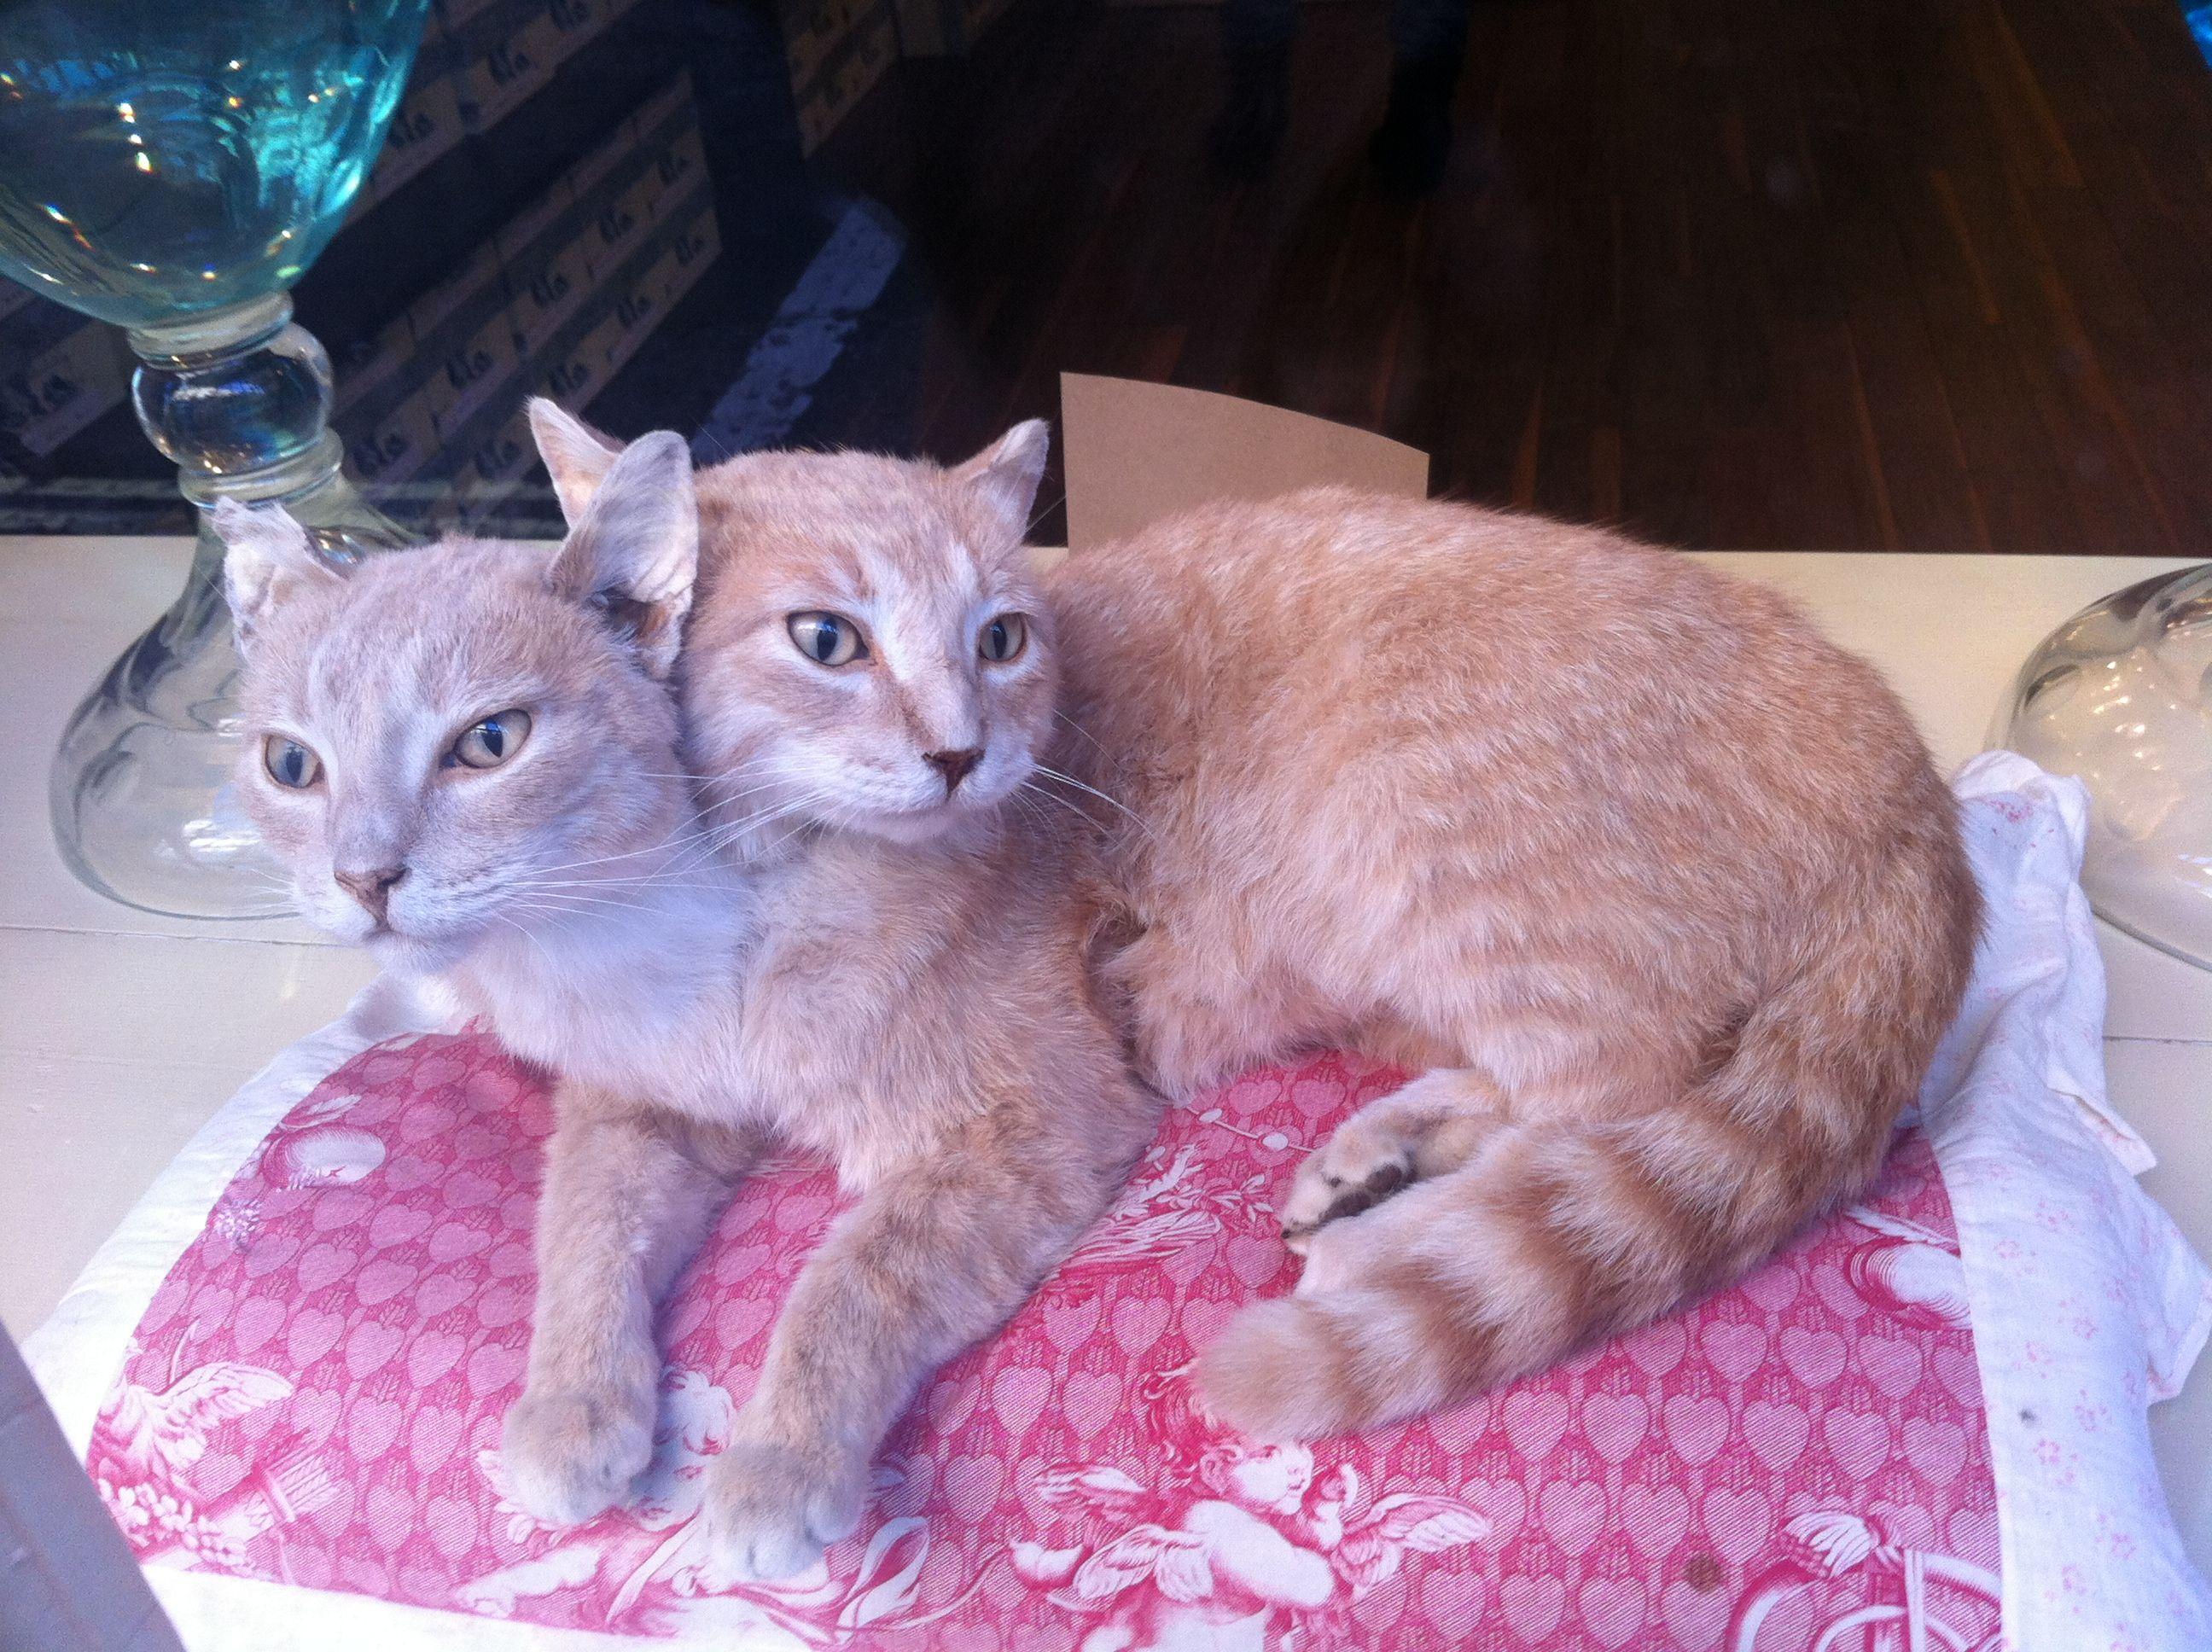 Прикольные картинки кошек сиамские близнецы, анимацией планетой земля